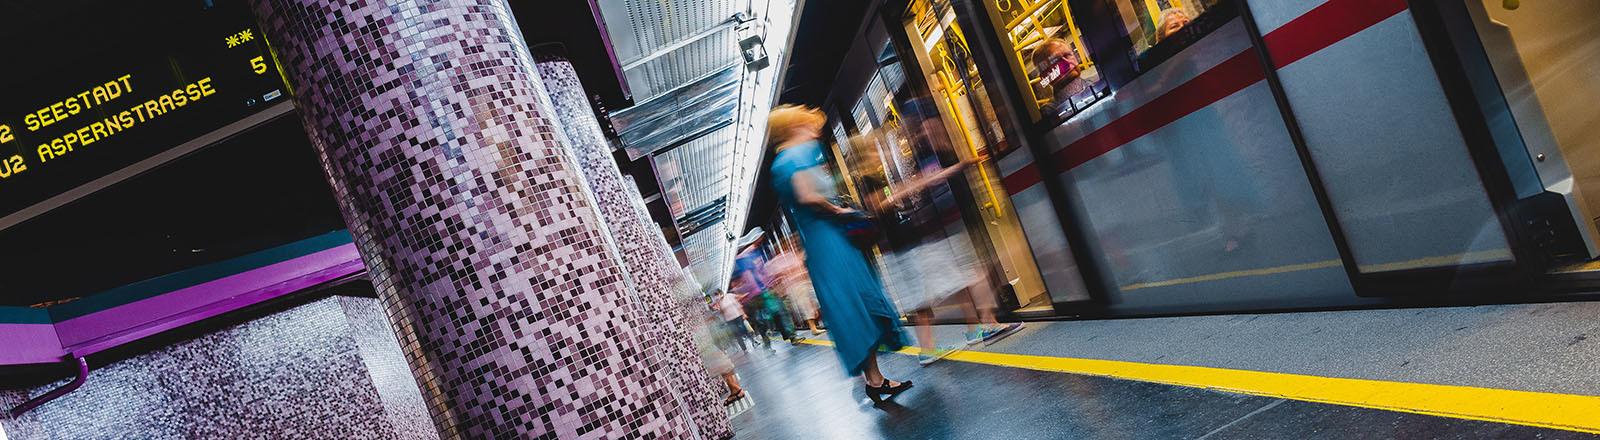 Eine Frau steigt in Wien in eine U-Bahnlinie ein.